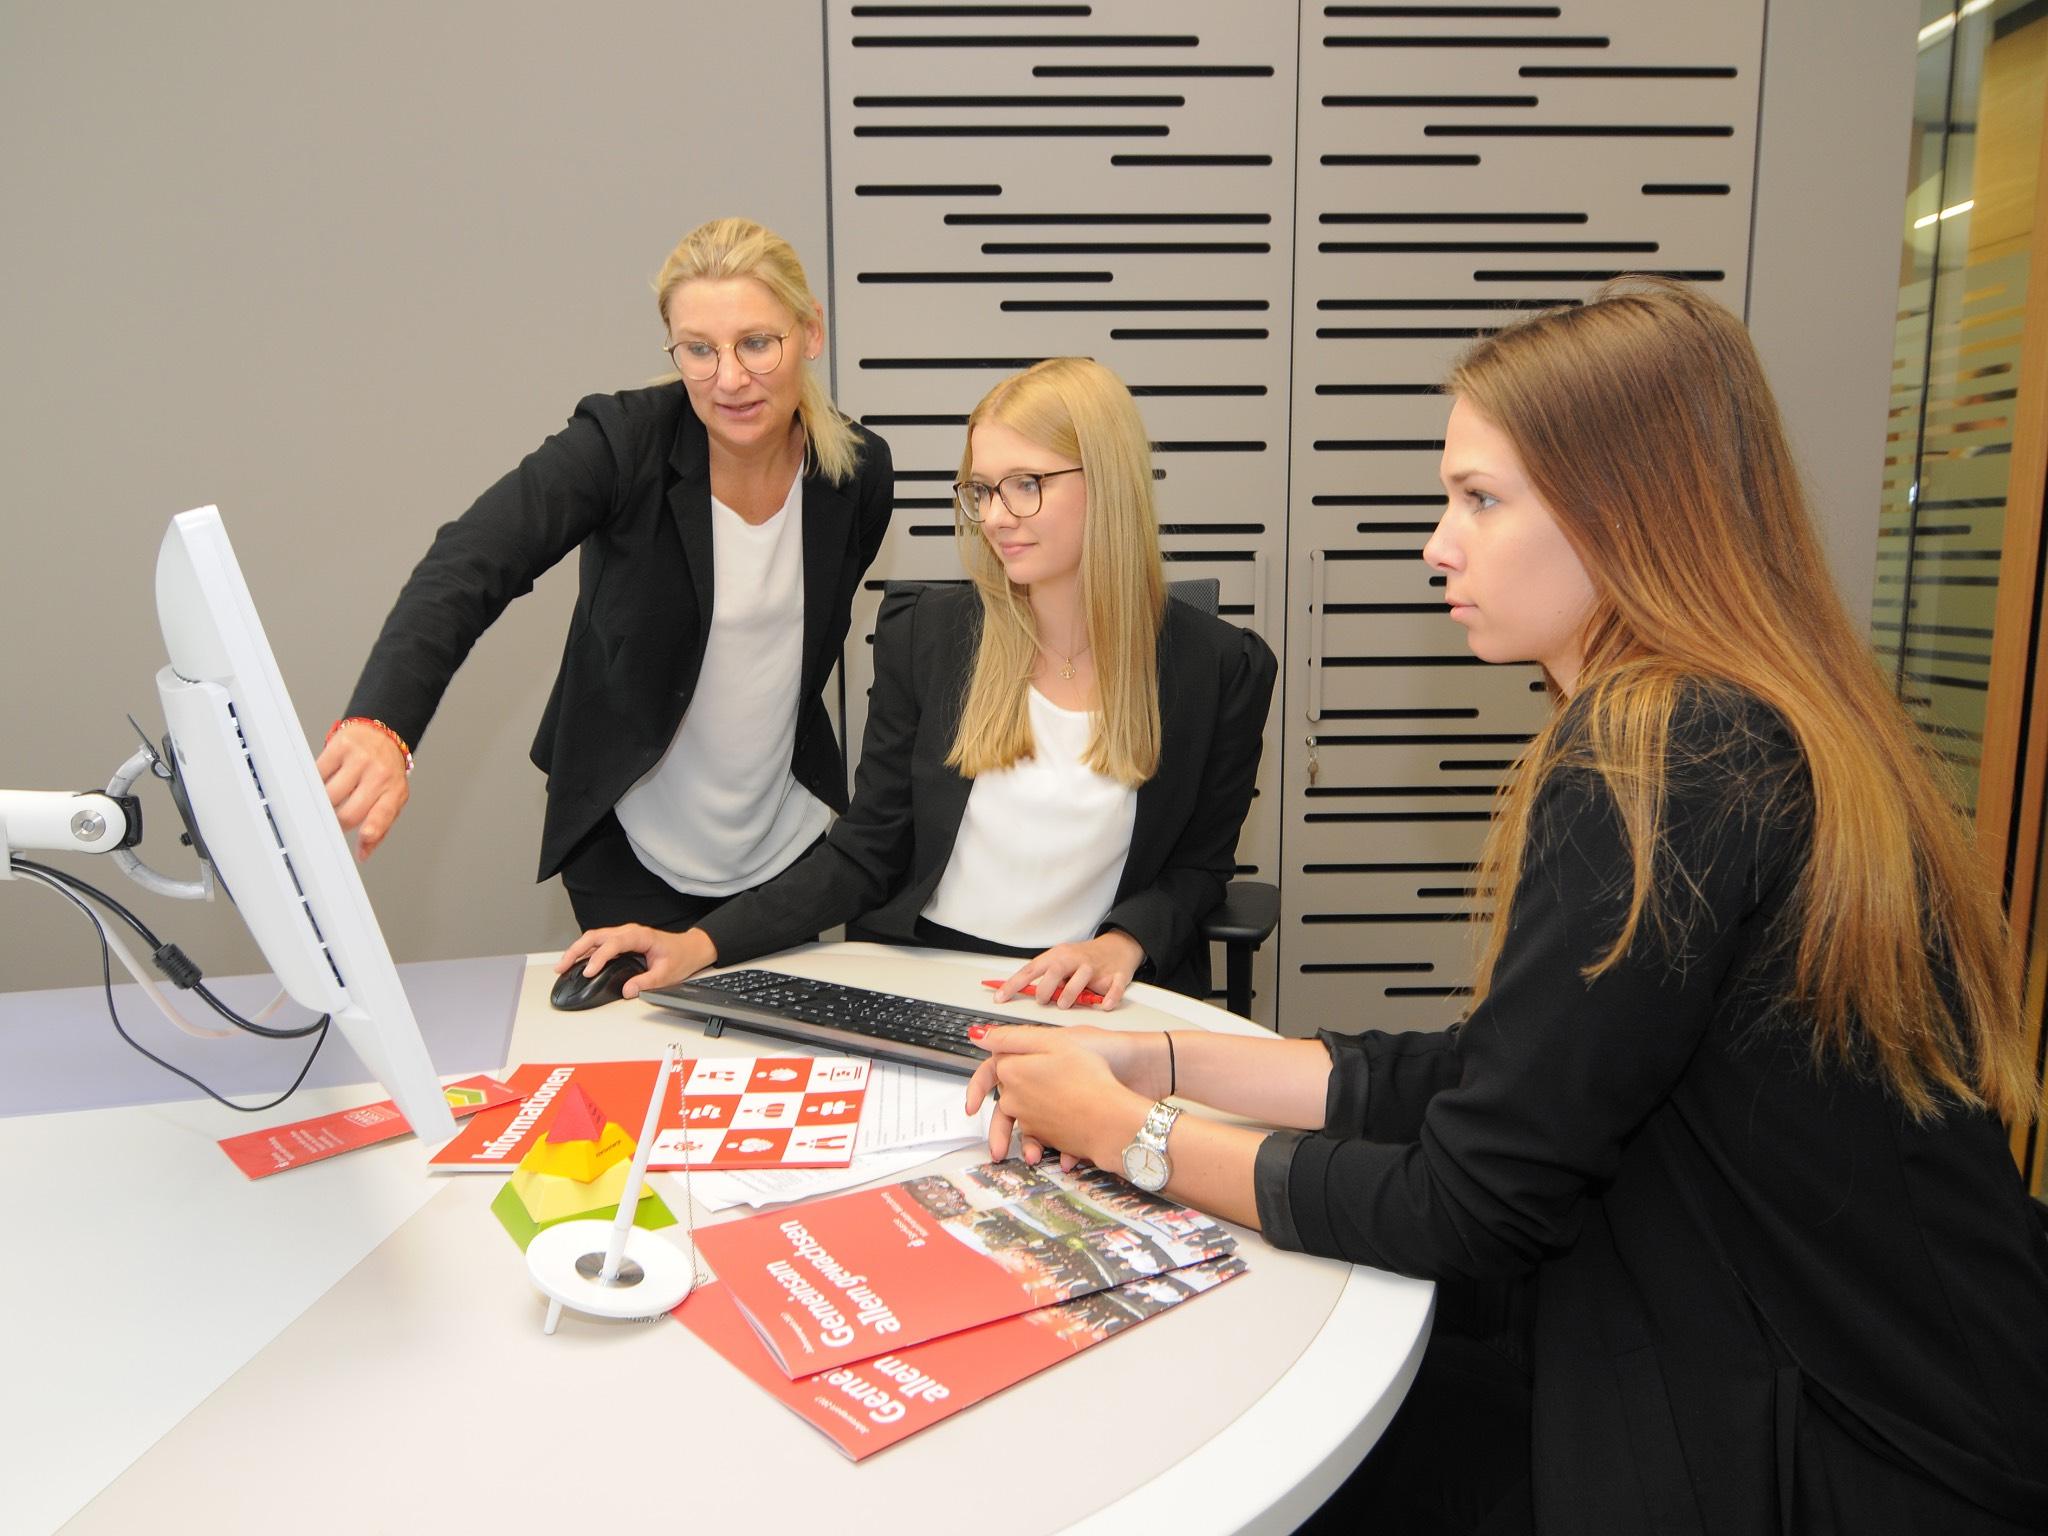 Ausbildung mit Karrierechancen. Foto: Sparkasse Mainfranken Würzburg